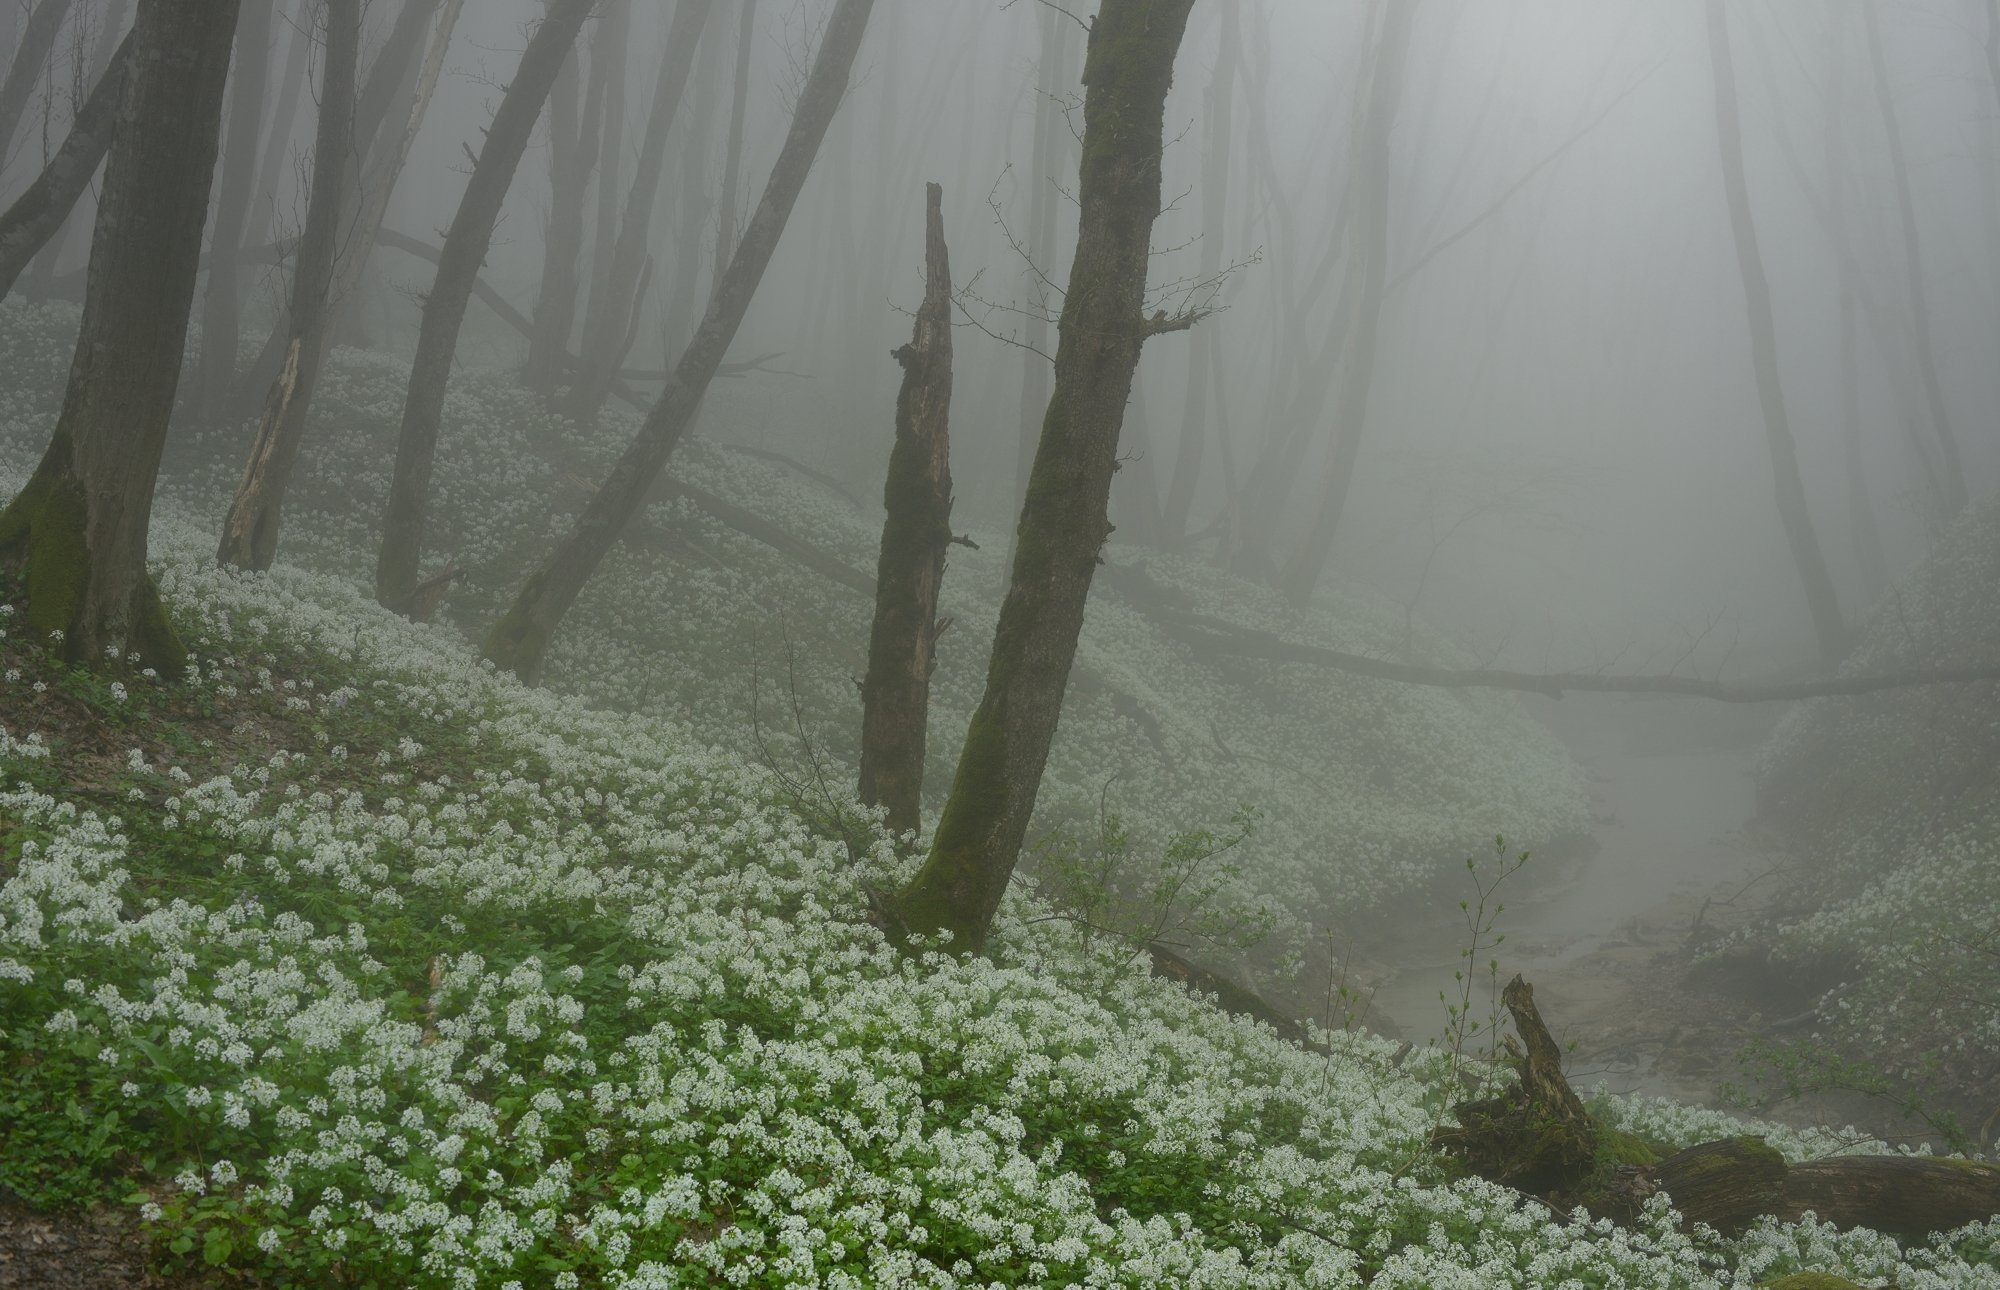 лес туман весна цветы ручей, Александр Жарников